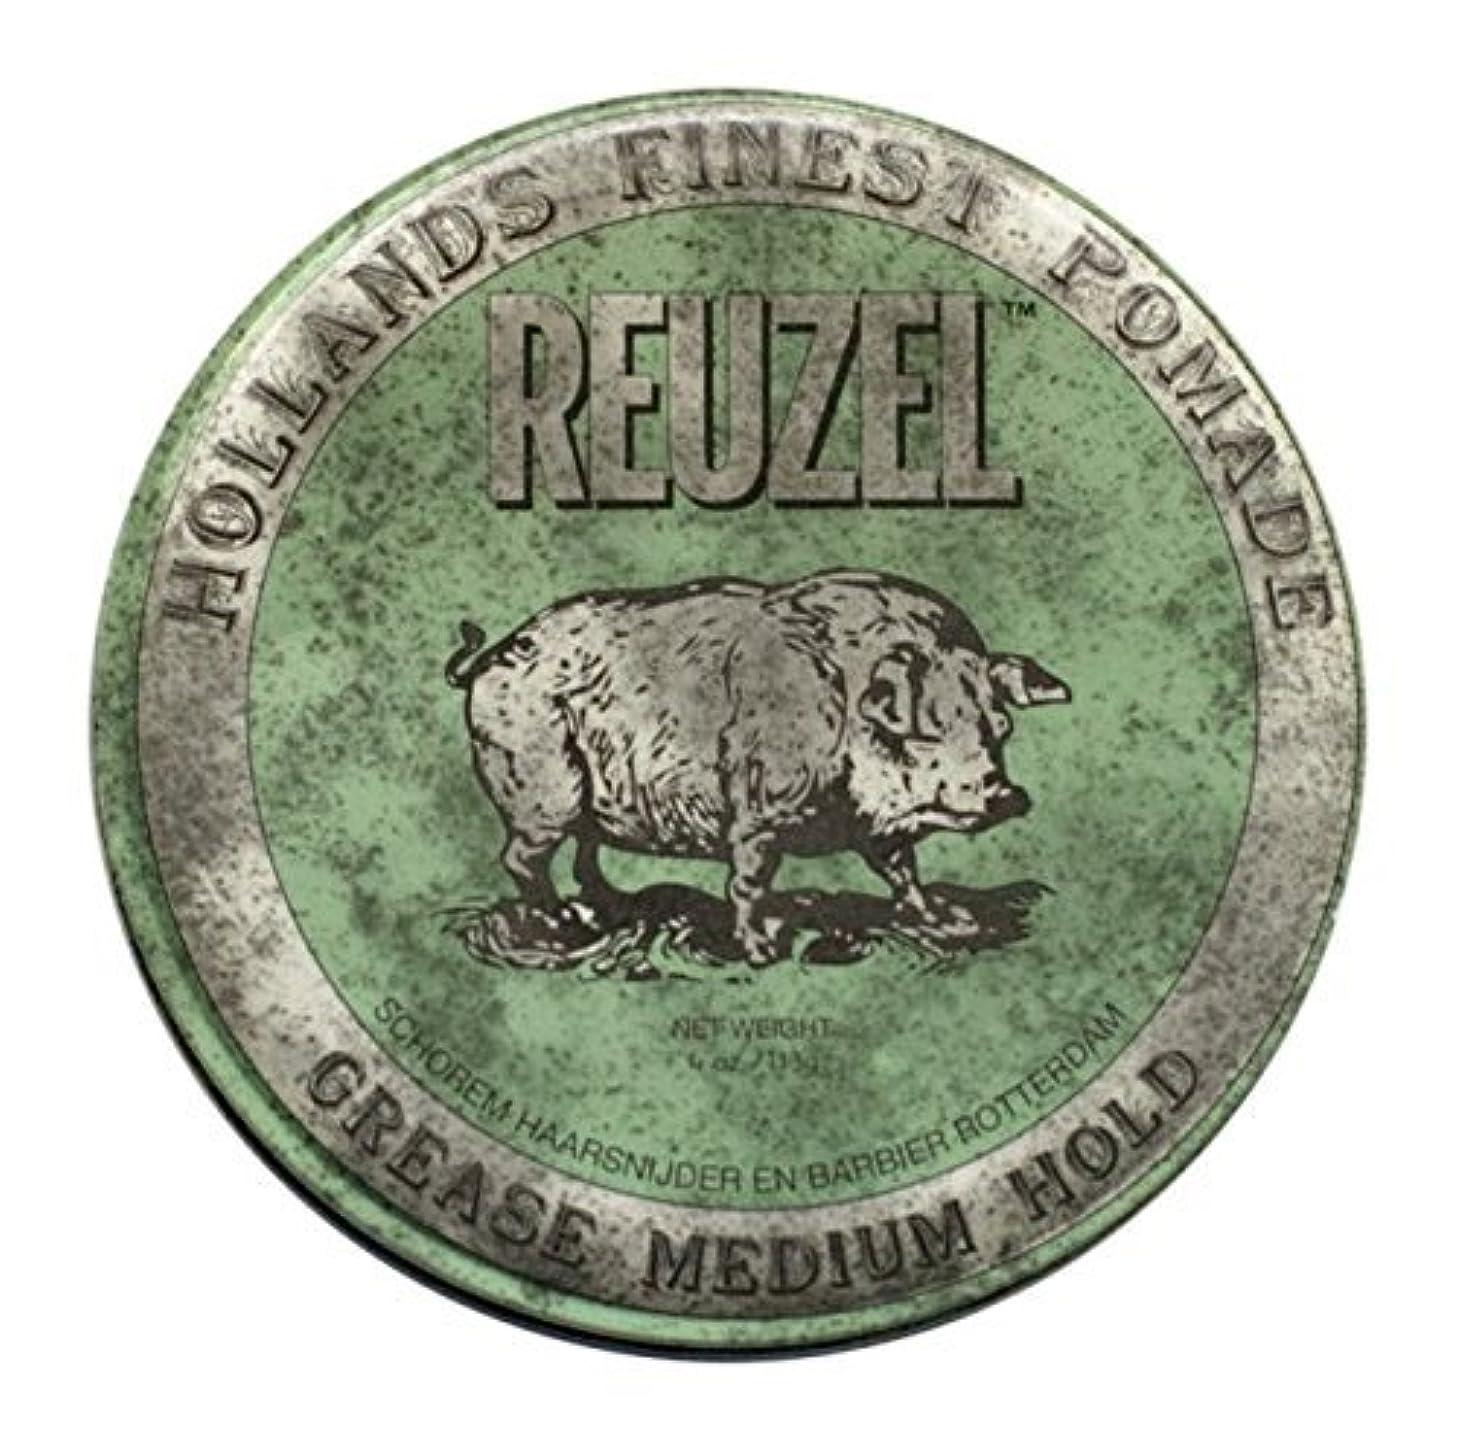 場合延期する誤解させるREUZEL Grease Hold Hair Styling Pomade Piglet Wax/Gel, Medium, Green, 1.3 oz, 35g [並行輸入品]